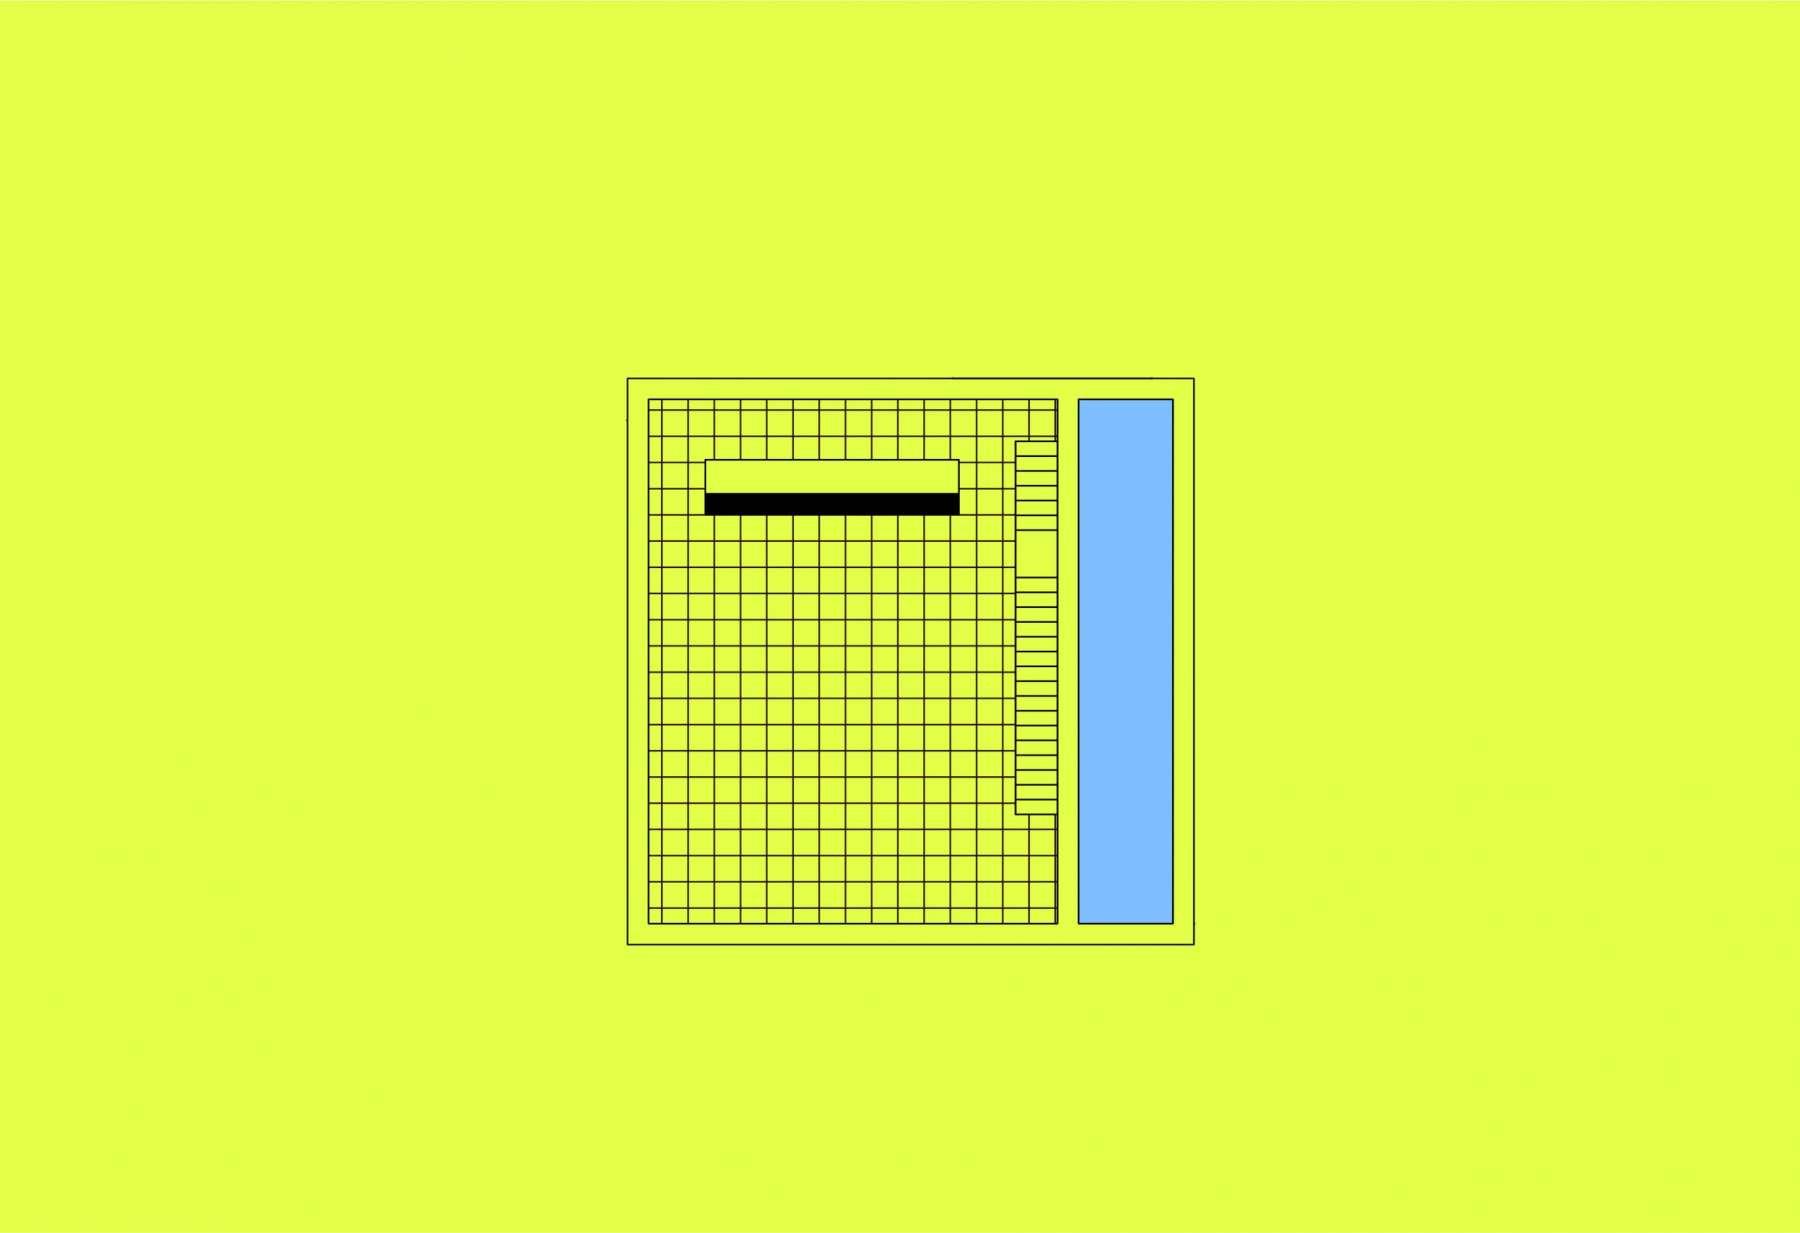 Particules elementaires Architecte La Londe 1